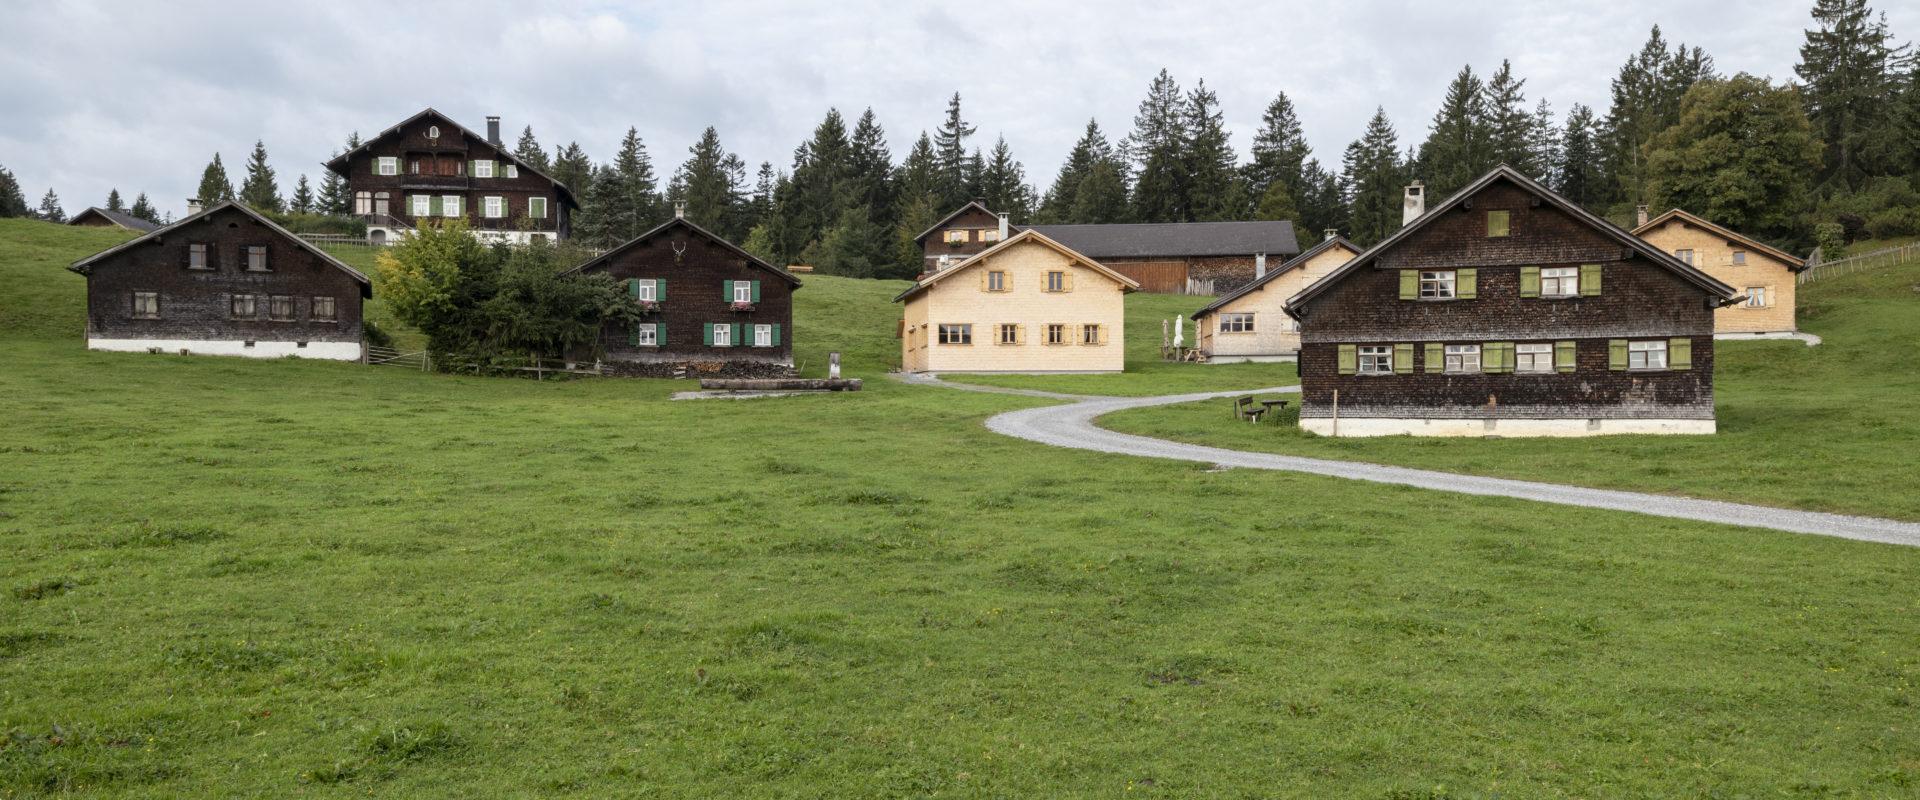 Häuserensemble am Bödele © Johannes Fink - Bregenzerwald Tourismus (1)